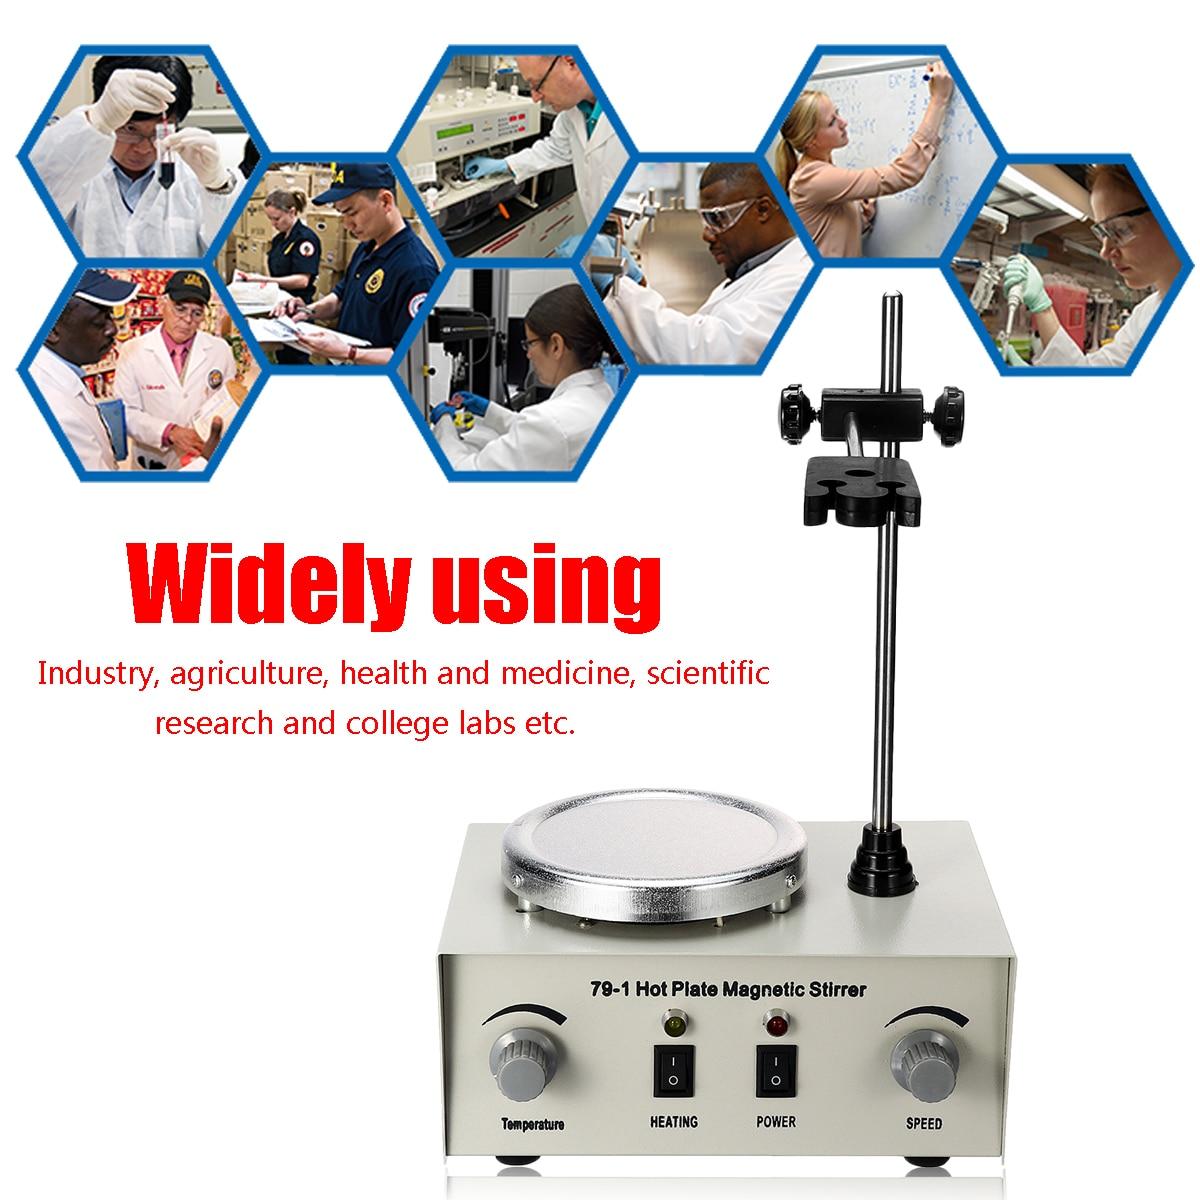 Us/au/ue 79-1 110/220 v 250 w 1000ml placa quente agitador magnético laboratório aquecimento duplo controle misturador nenhum ruído/vibração fusíveis proteção